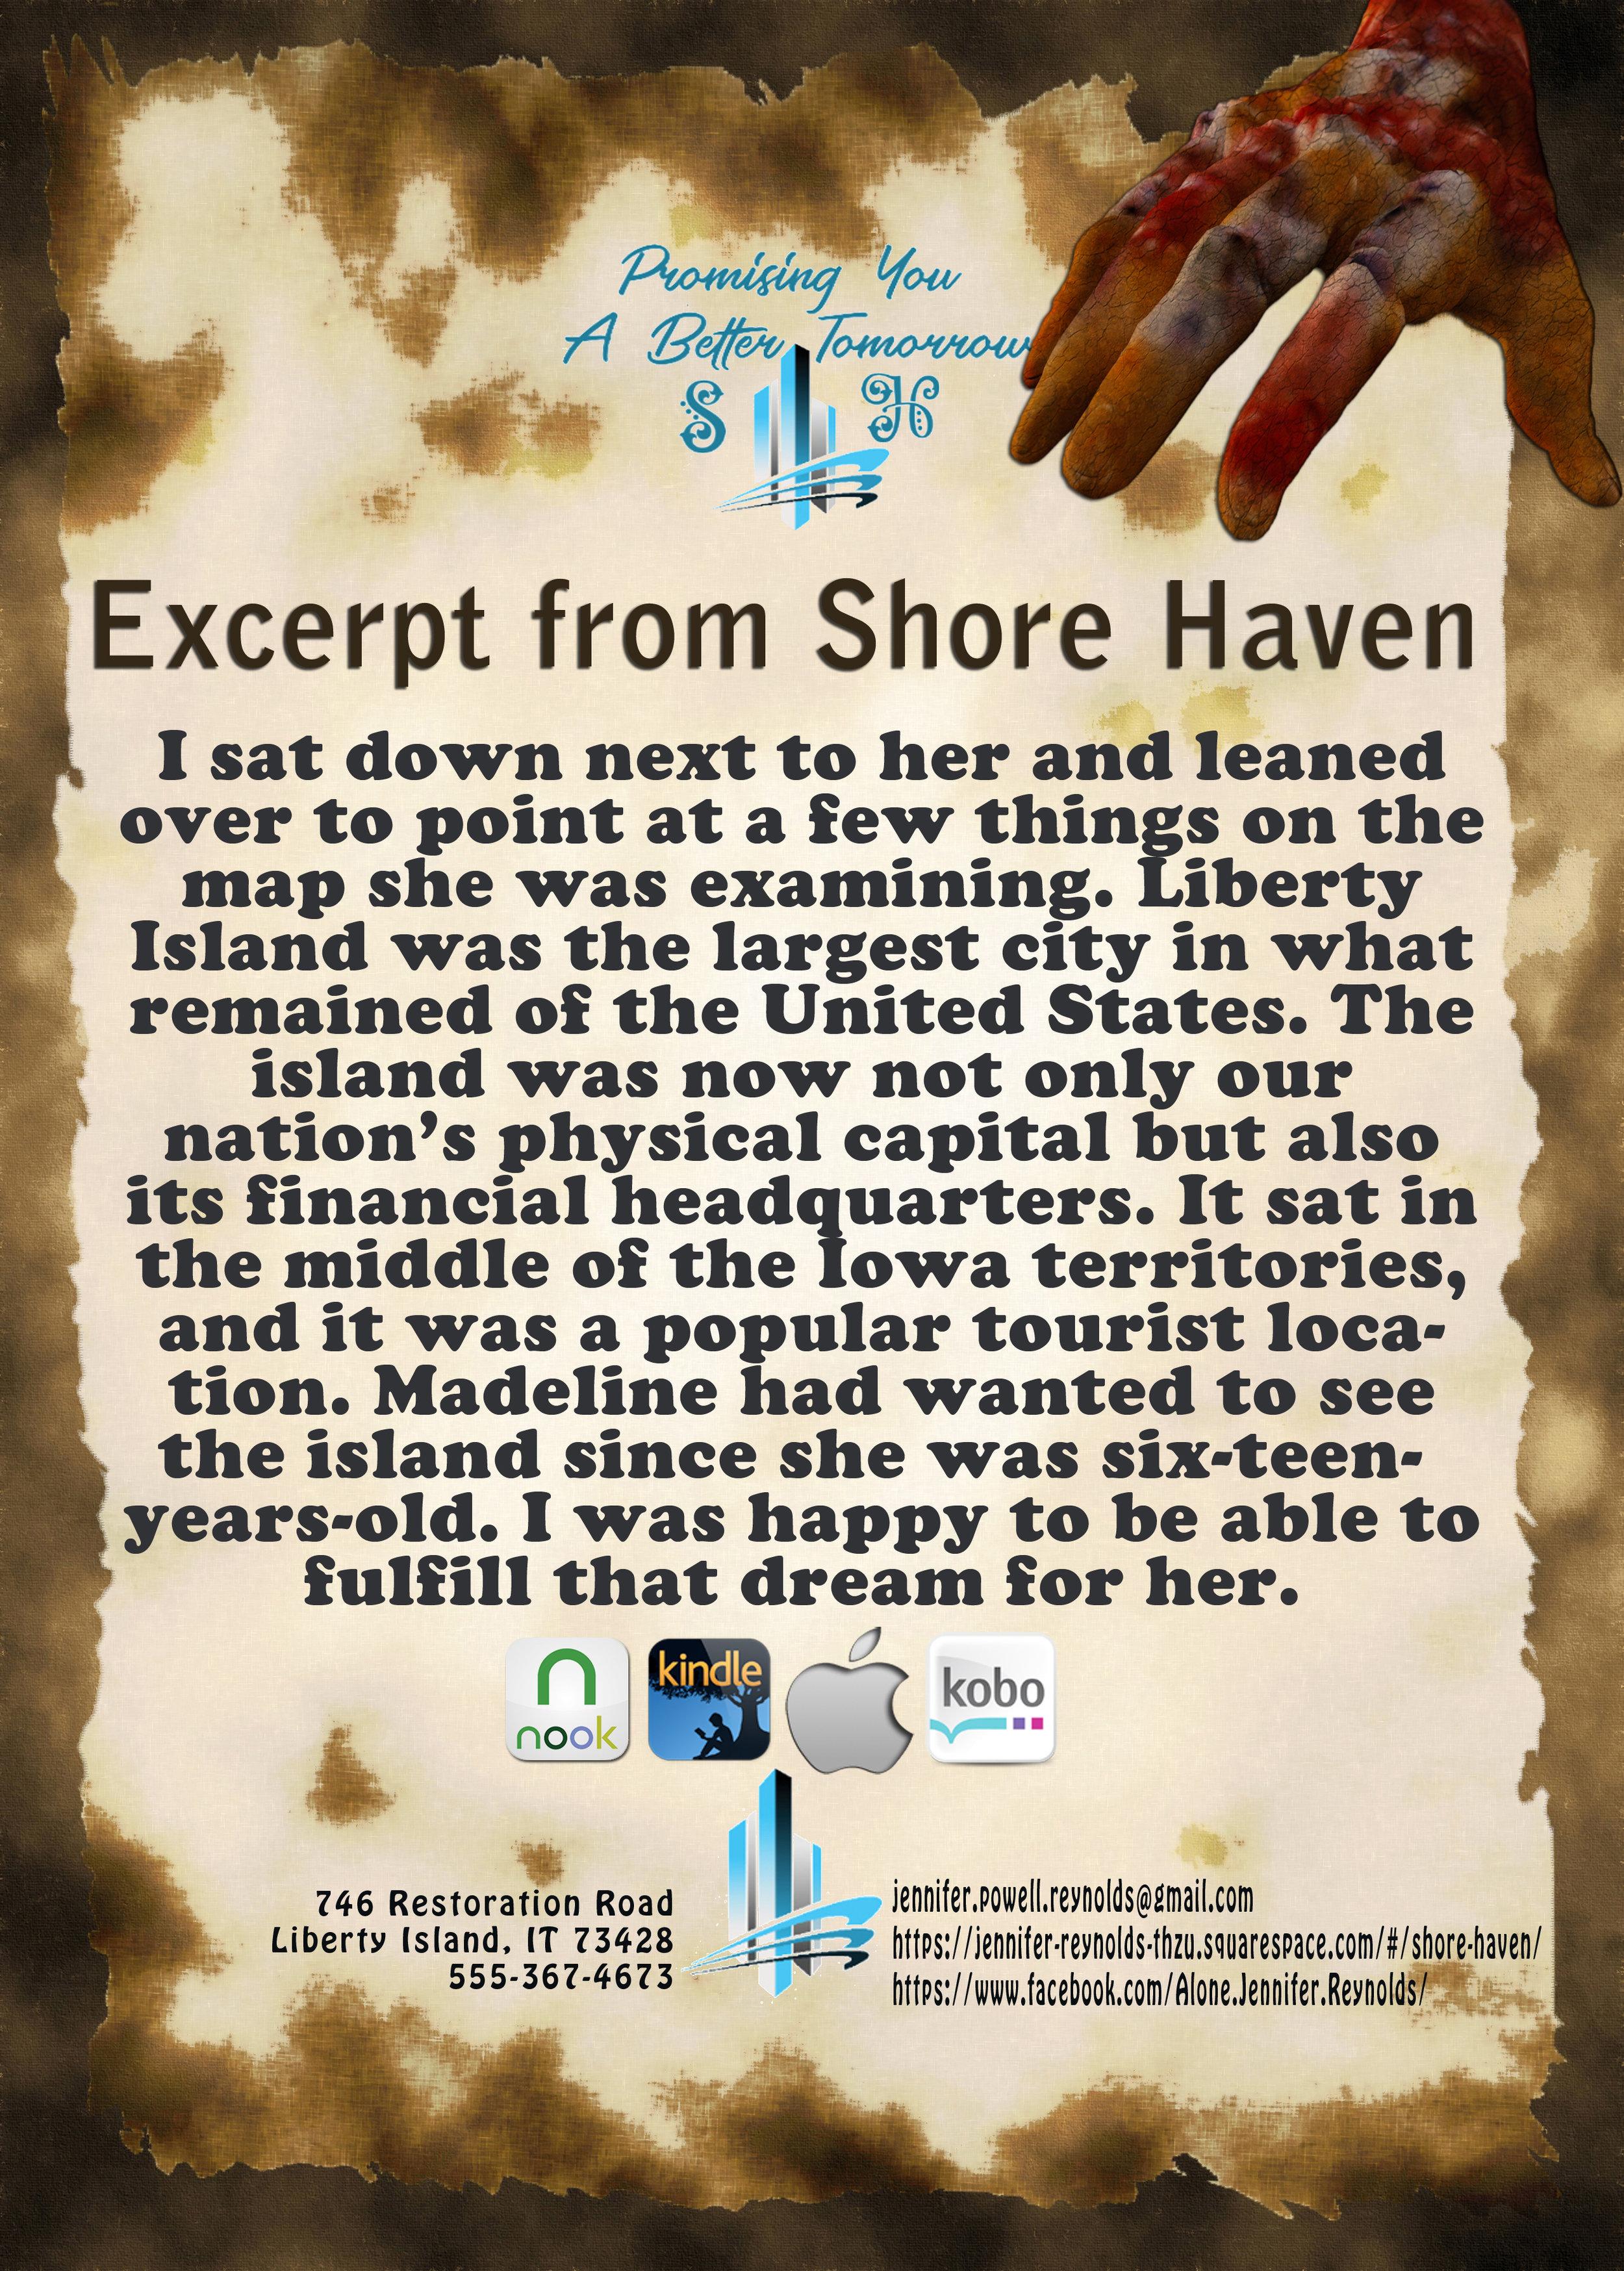 Shore Haven Excerpt 43.jpg